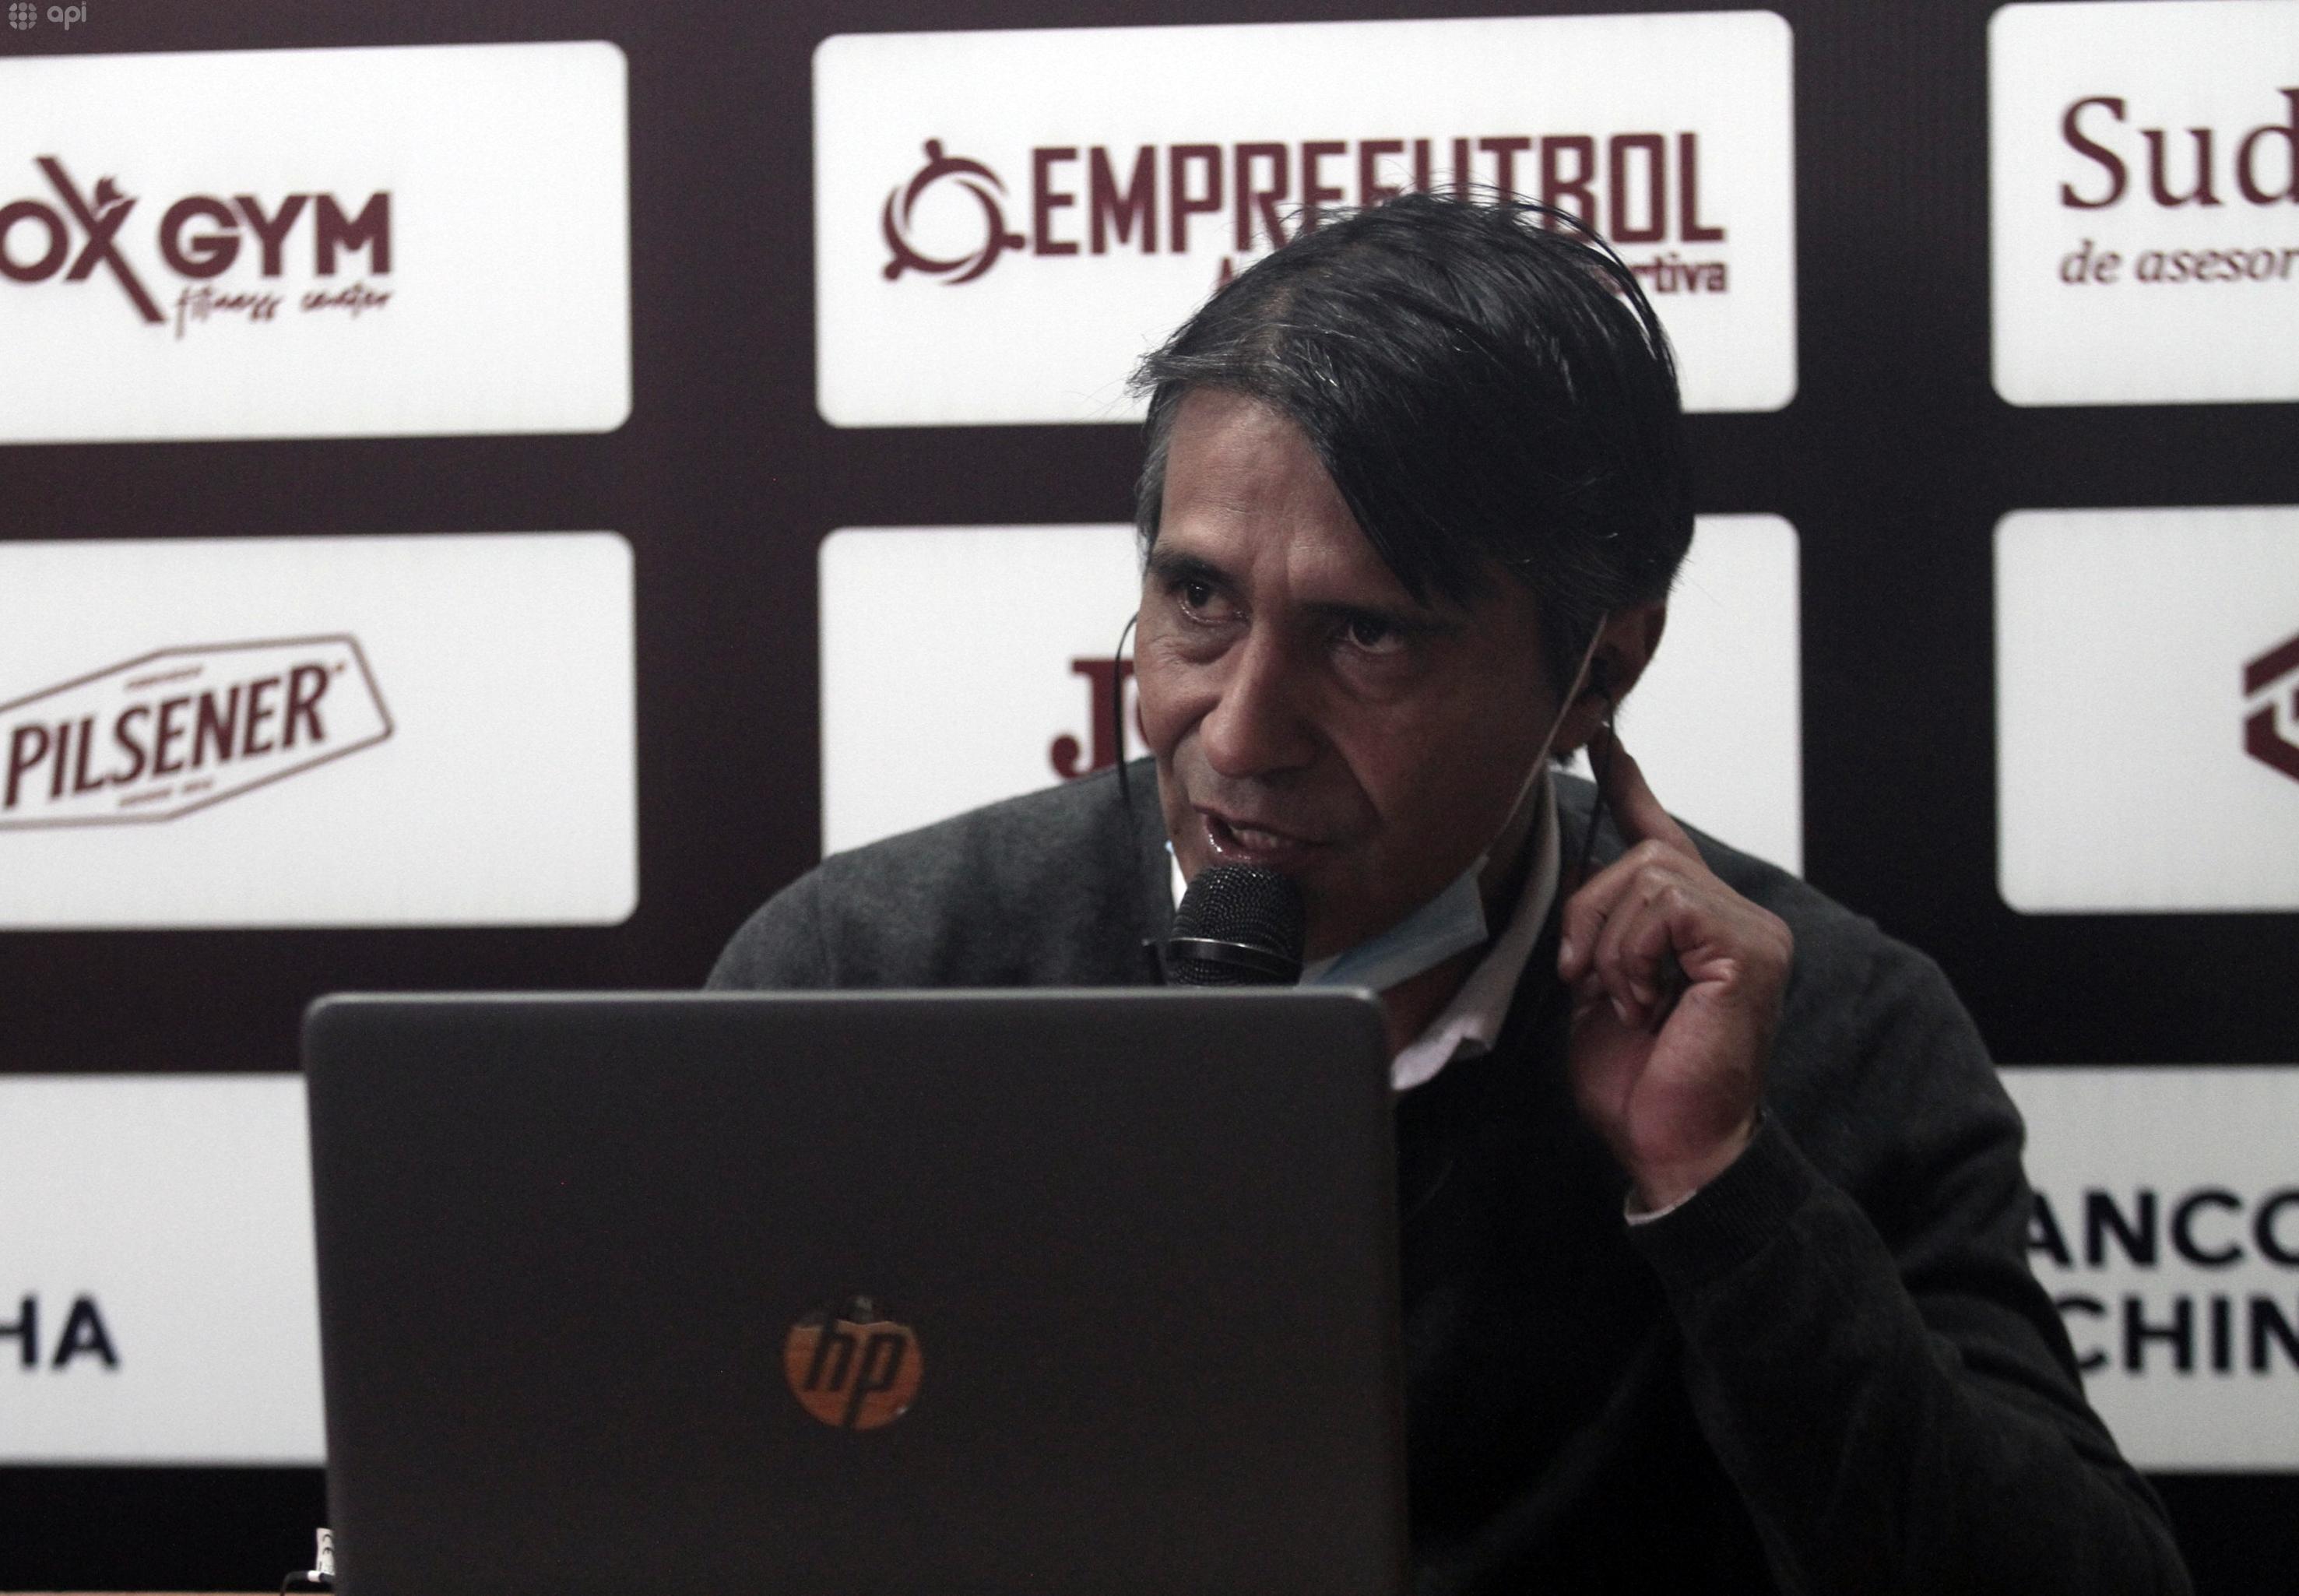 Tabaré Silva mencionó que no se le puede reclamar nada a la plantilla morlaca, debido a los problemas económicos